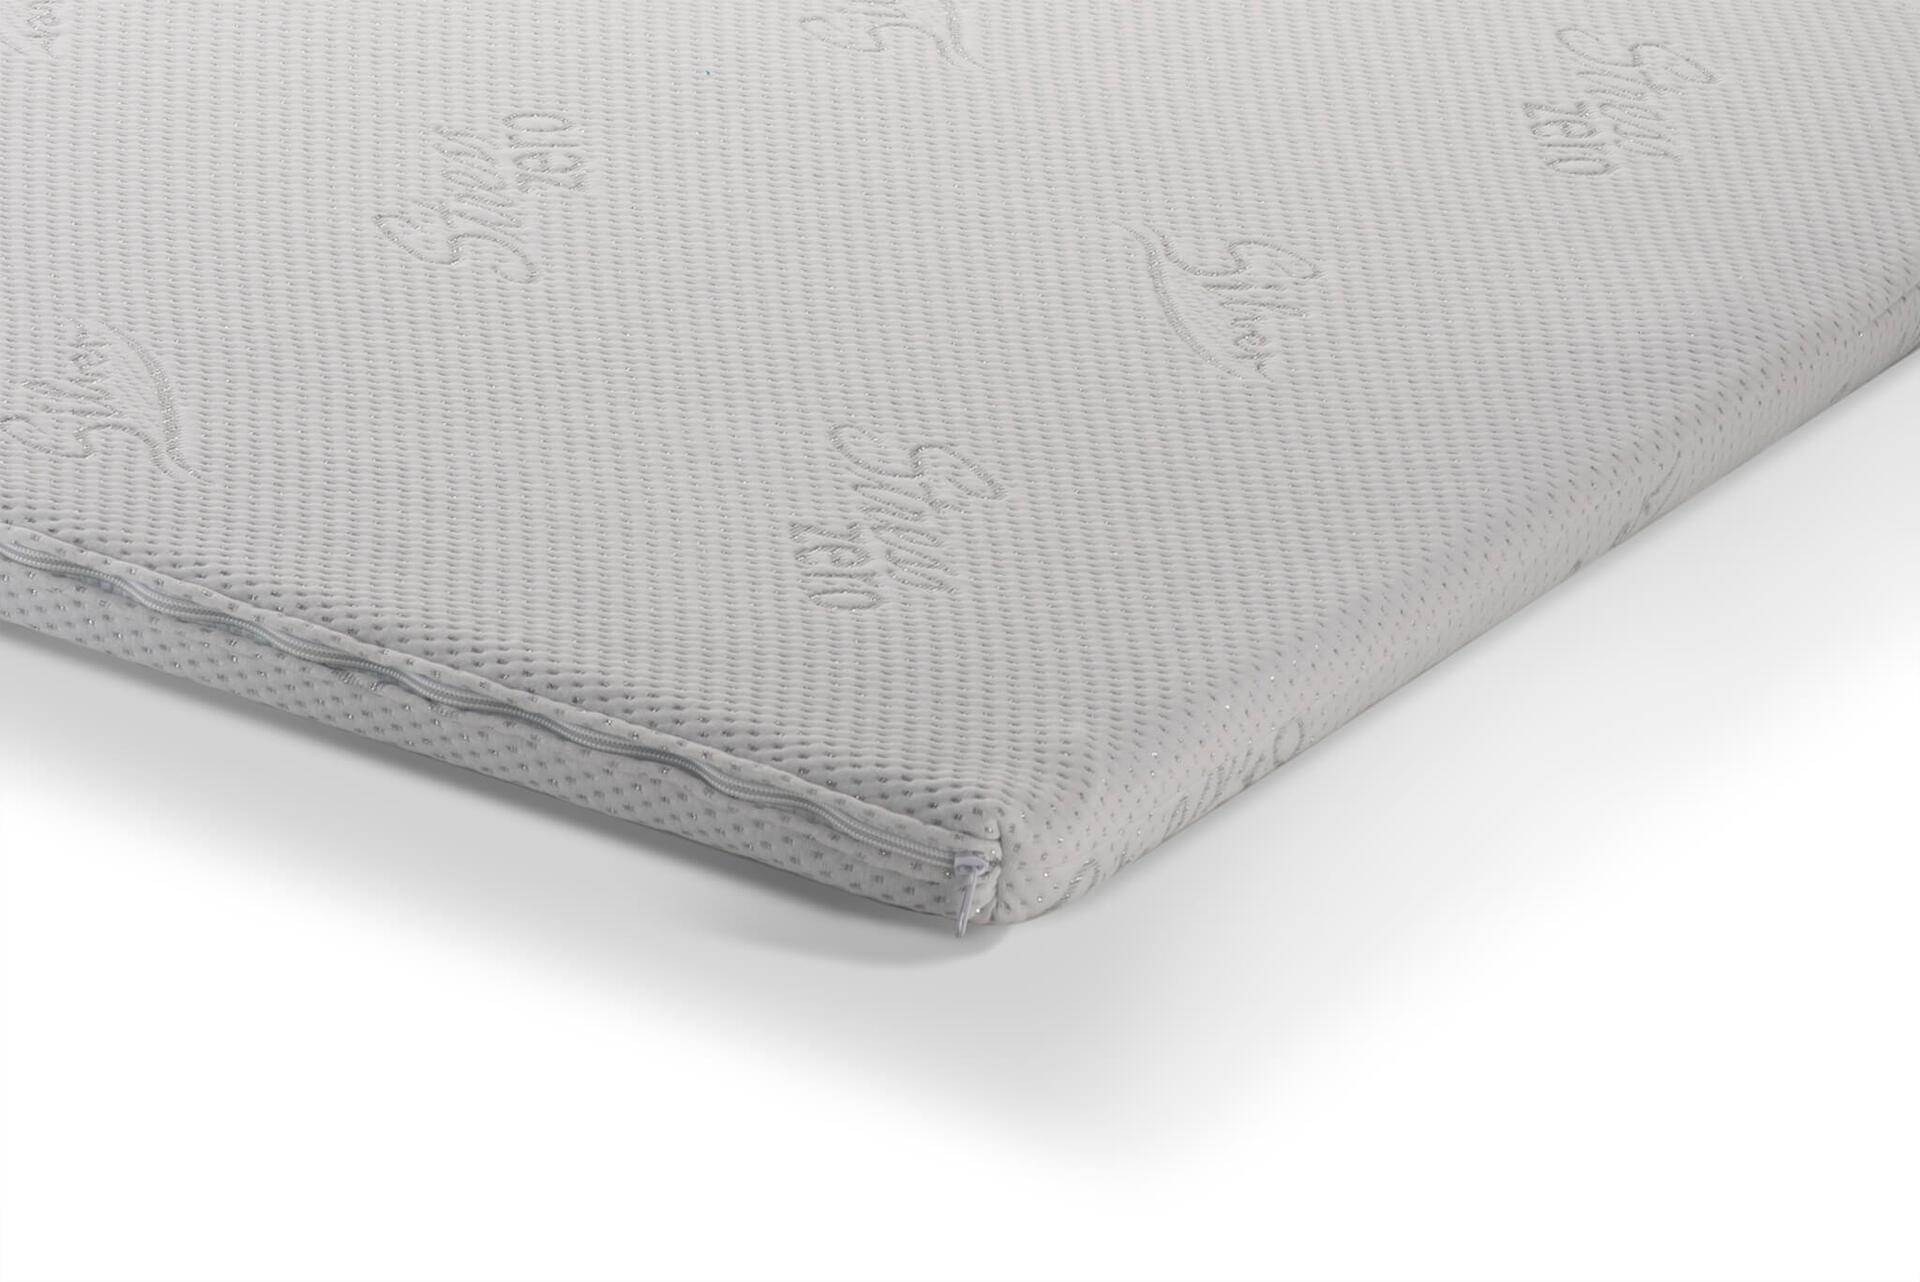 Топ матрак Silver Comfort 82/190/6 см, Sleepy - РАЗОПАКОВАН